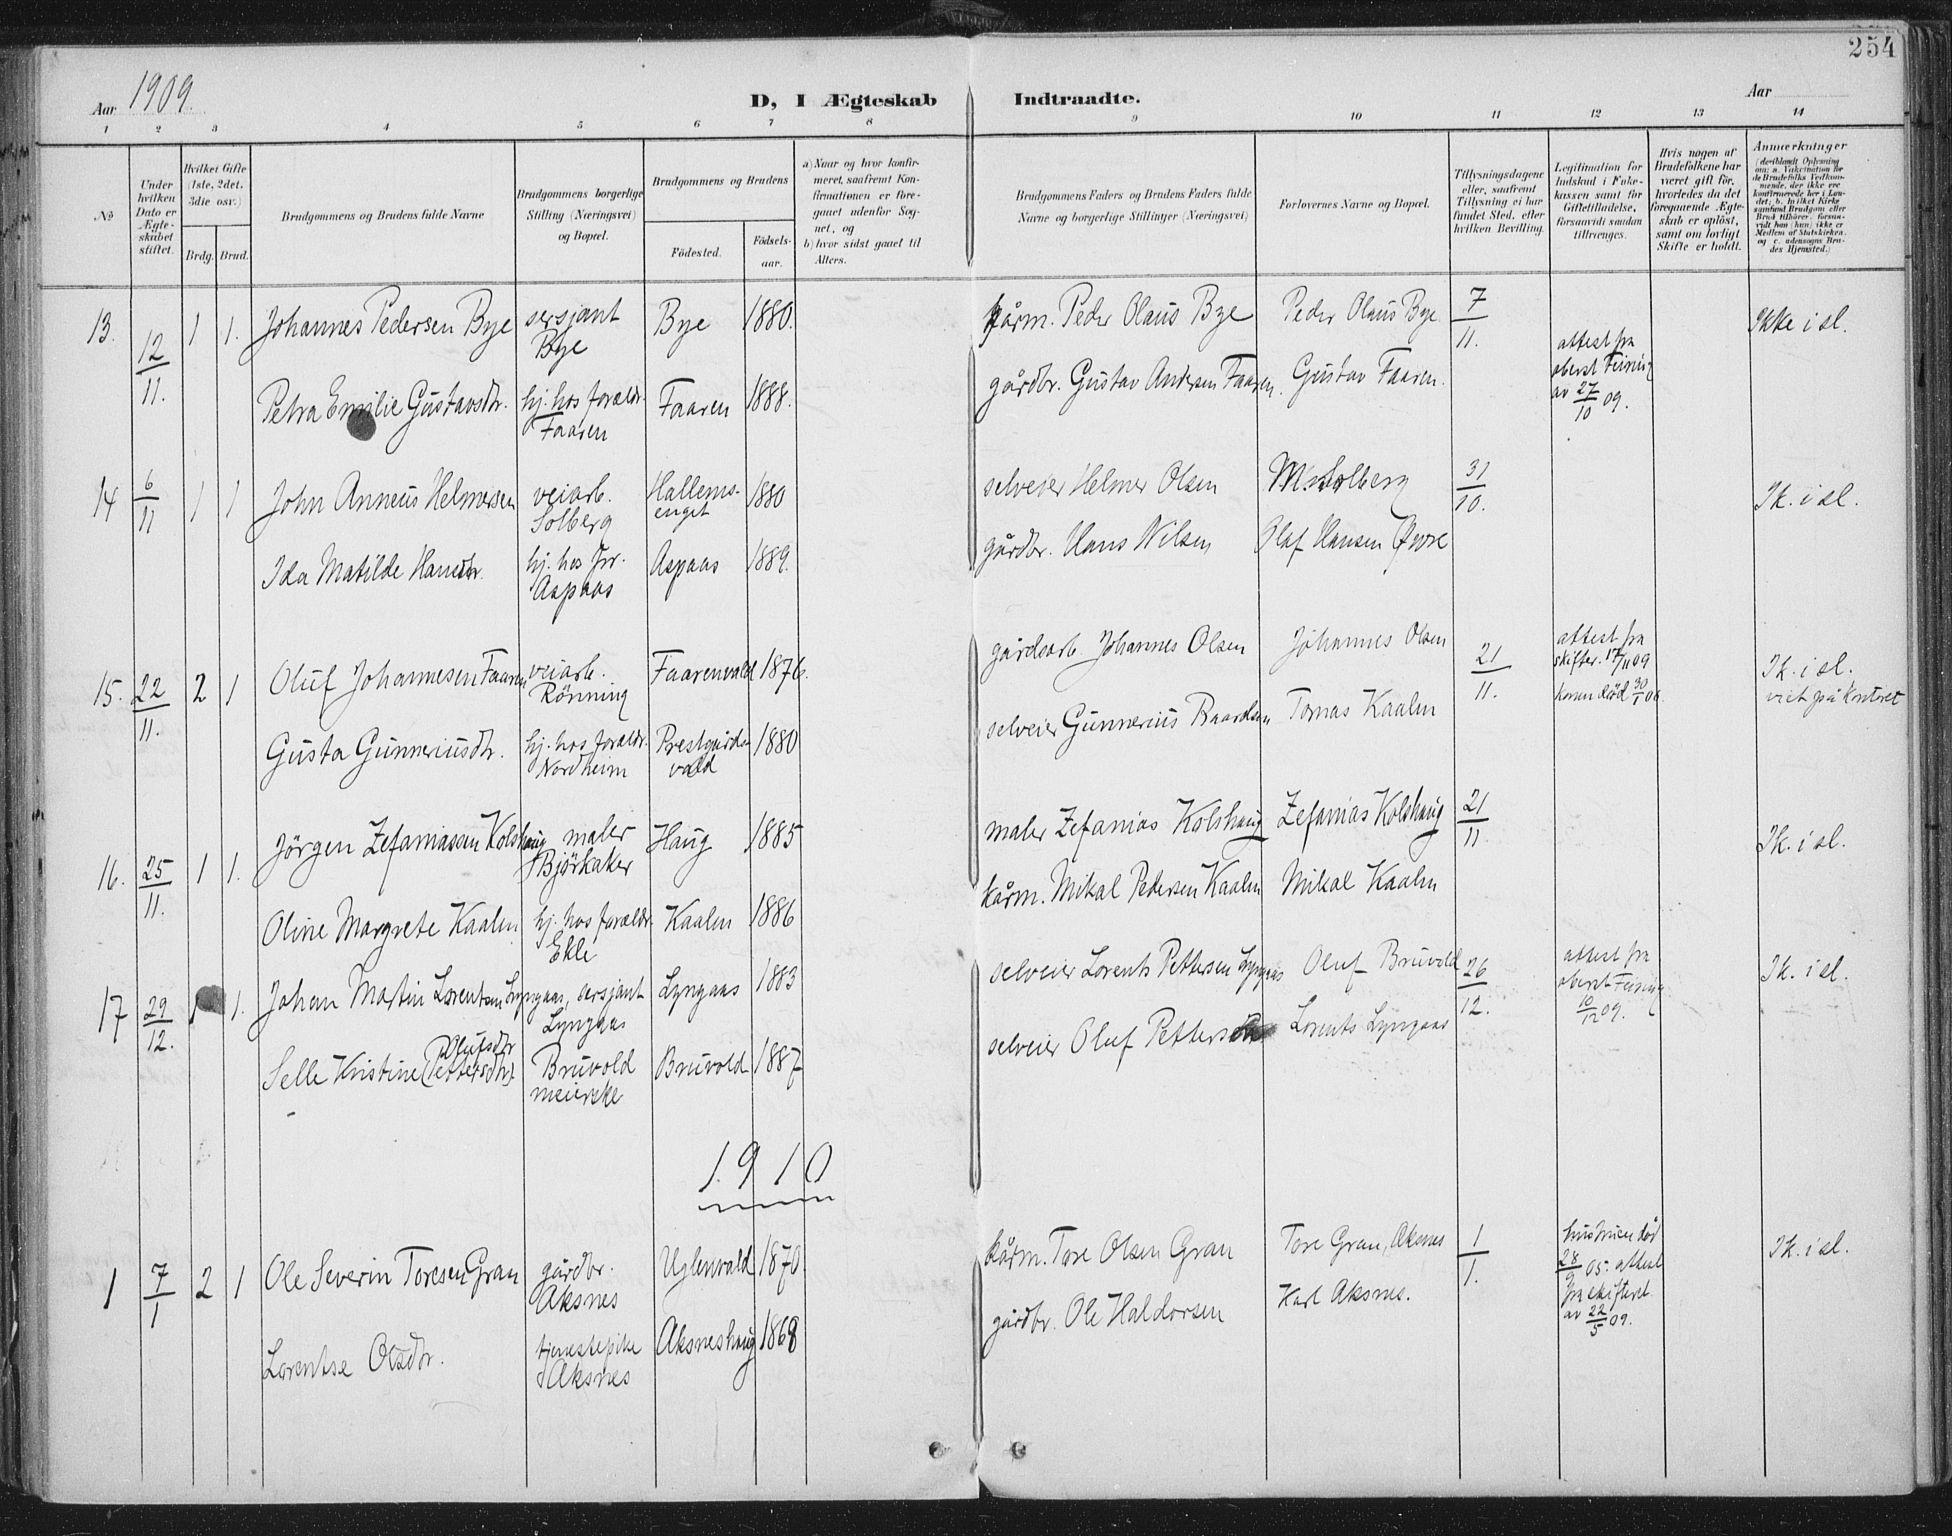 SAT, Ministerialprotokoller, klokkerbøker og fødselsregistre - Nord-Trøndelag, 723/L0246: Ministerialbok nr. 723A15, 1900-1917, s. 254